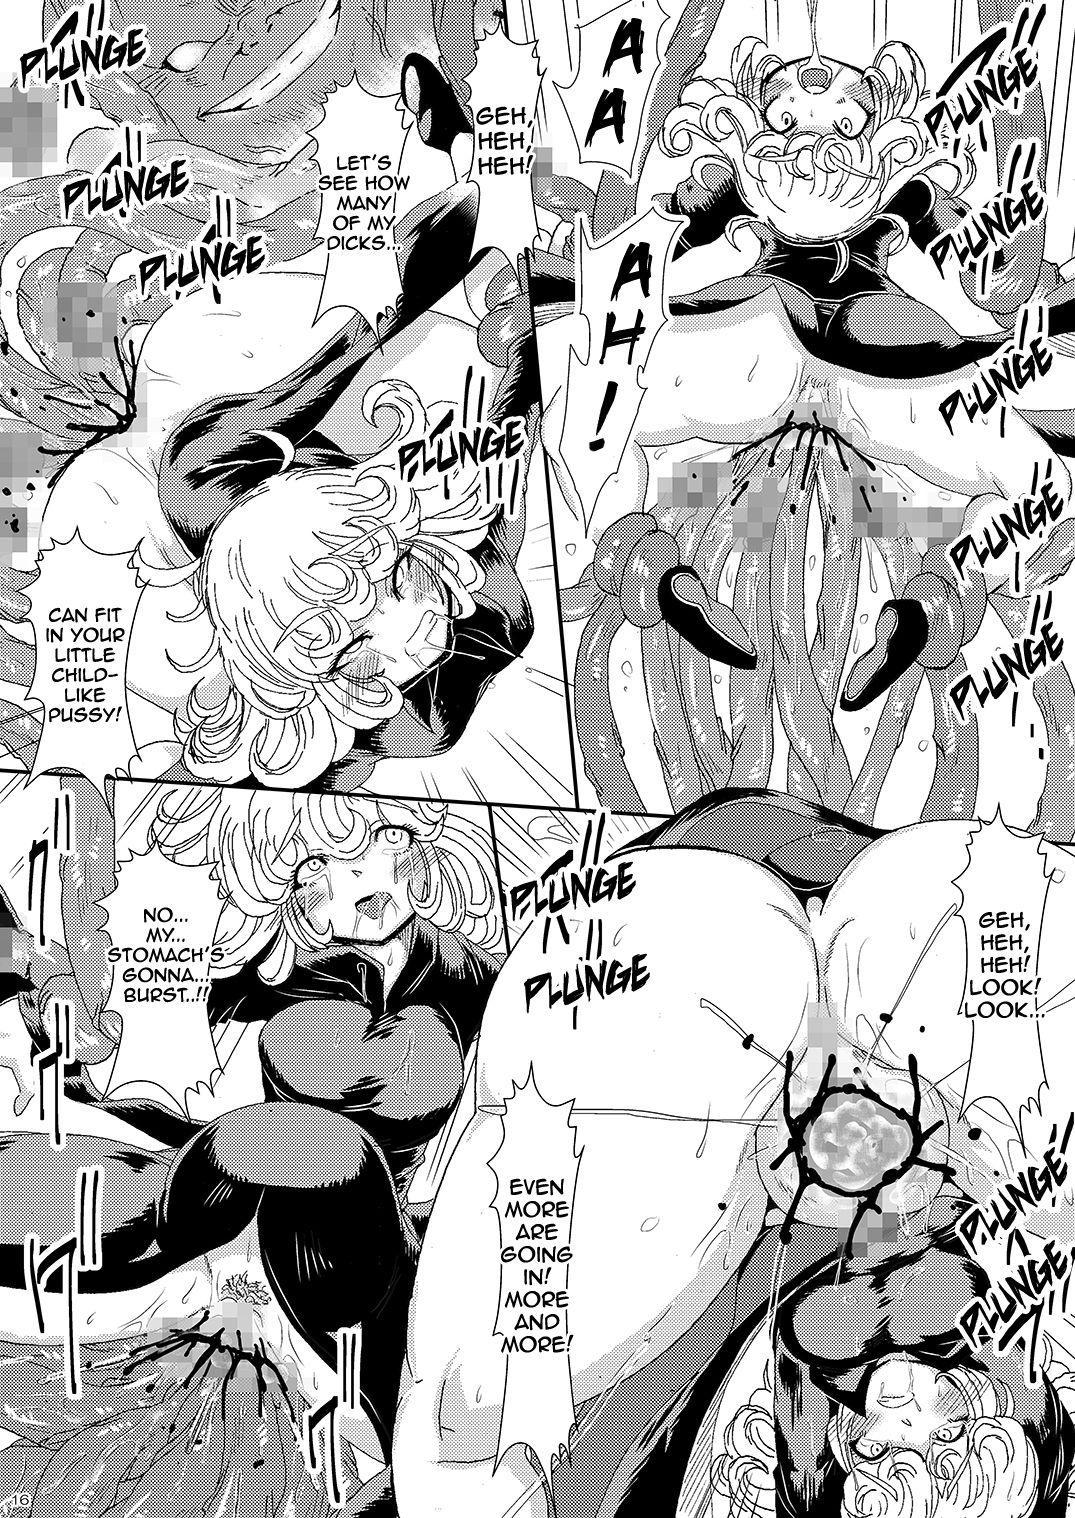 [Yuzuponz (Sakokichi)] IN RAN-WOMEN Kairaku ni Ochiru Shimai   Nympho-Women Sisters Falling into Ecstasy (One Punch Man) [English] [Jashinslayer] [Digital] 14